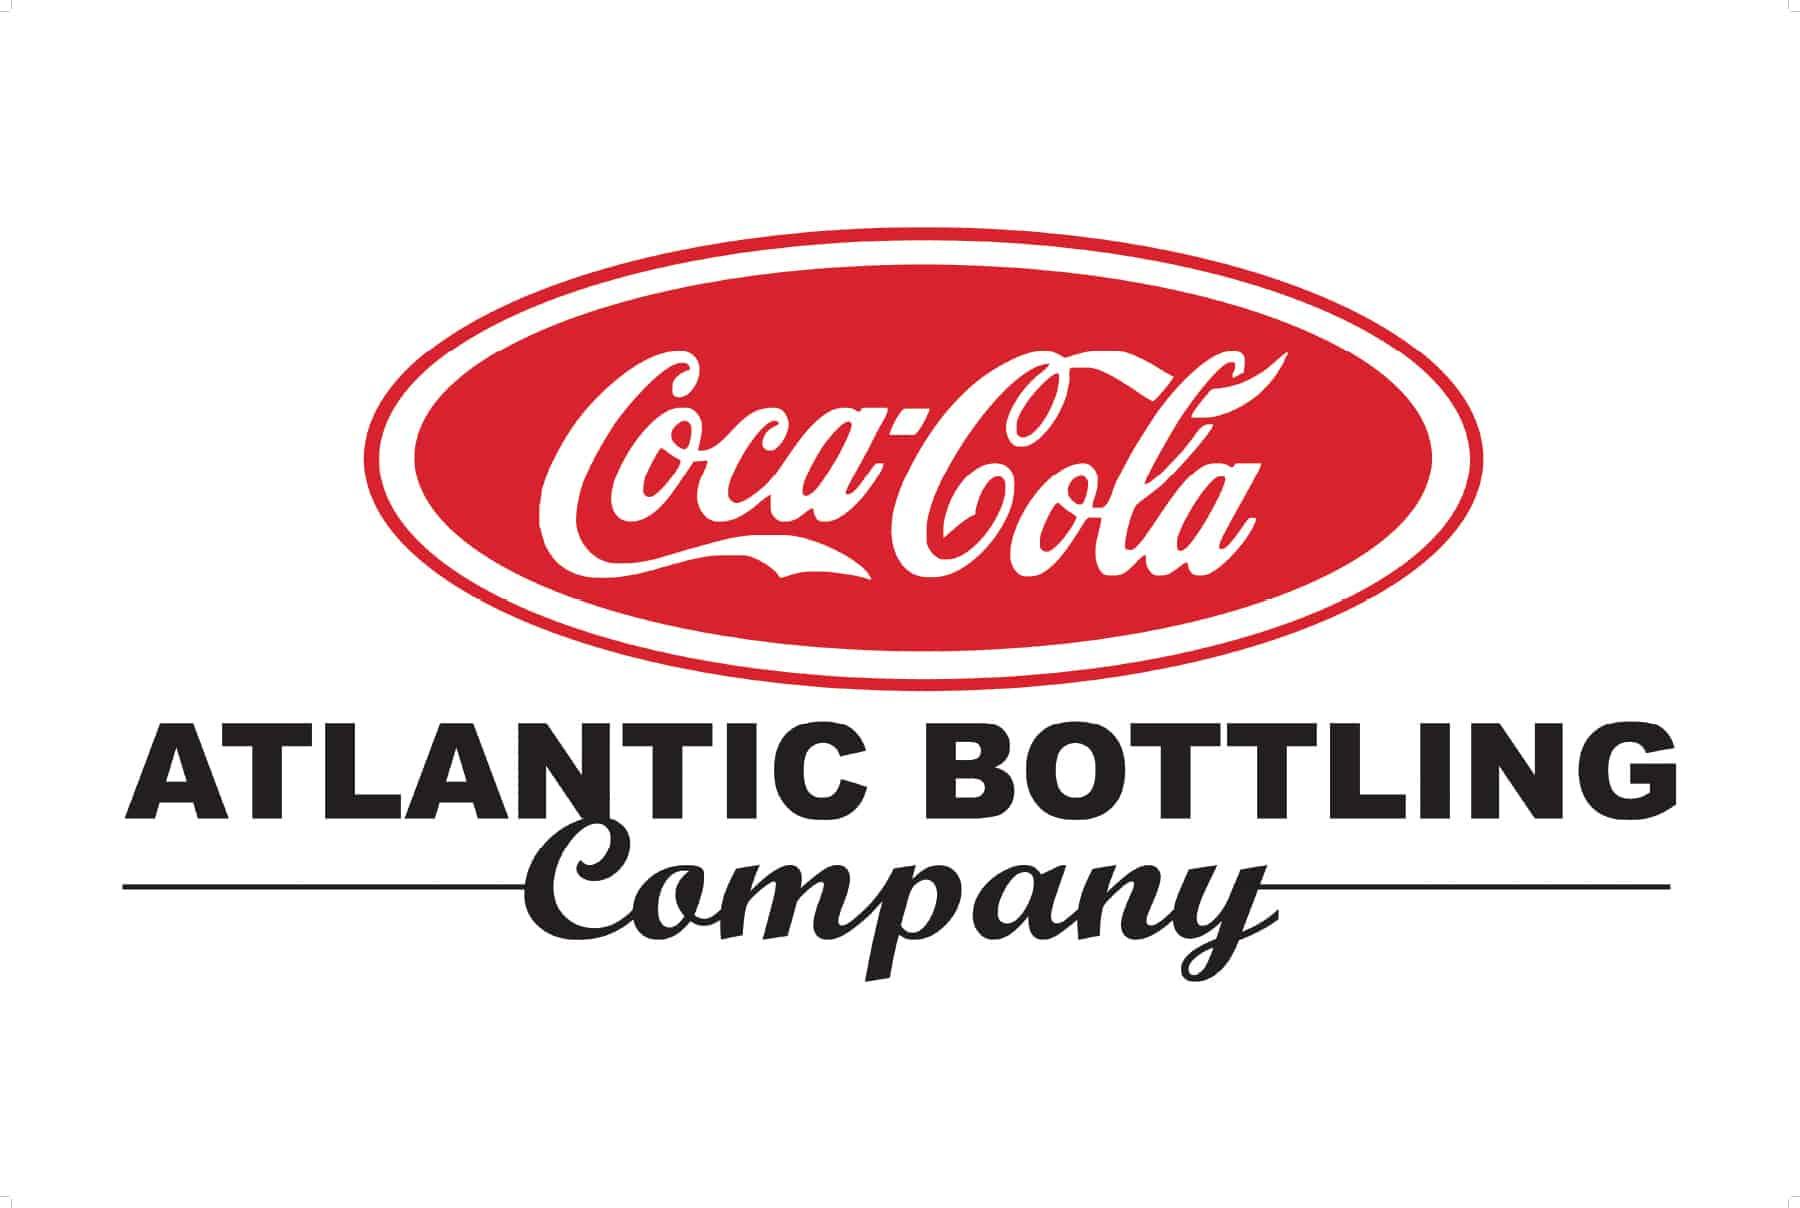 Atlantic Bottling